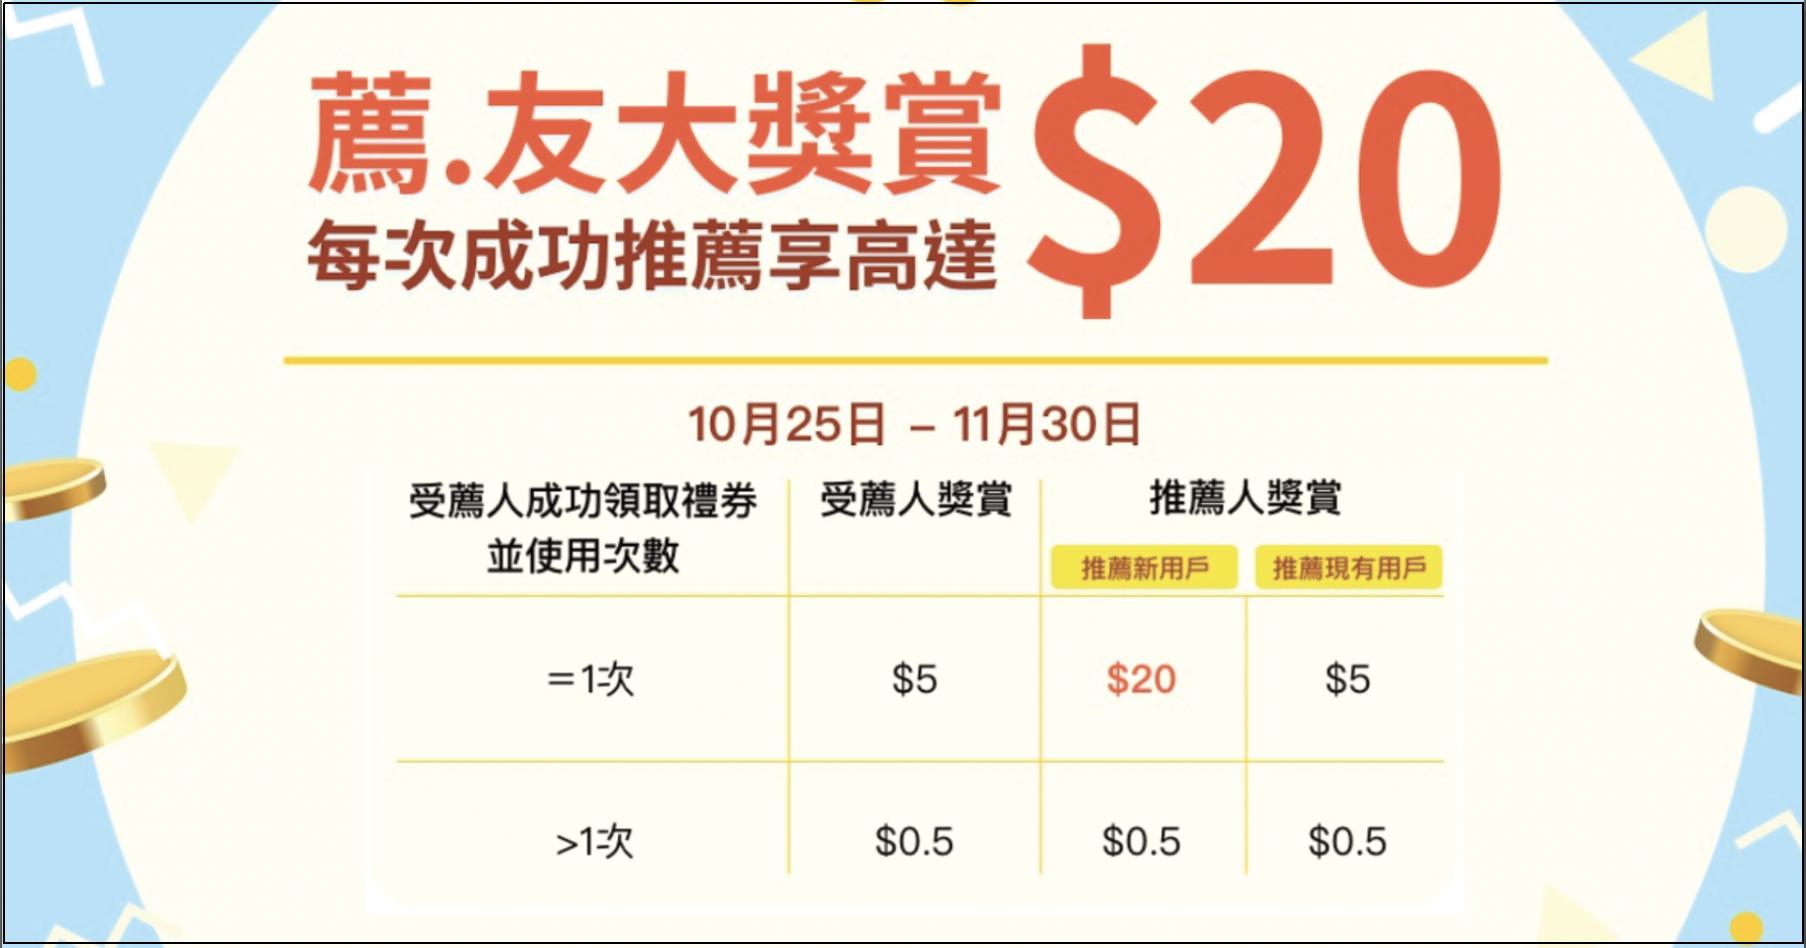 支付寶 Alipay HK 12月繼續派錢啦!薦友大獎賞活動!每日大家齊齊互推拎禮券!被推薦首日可獲$2!其後每日再拎$0.2支付寶紅包!